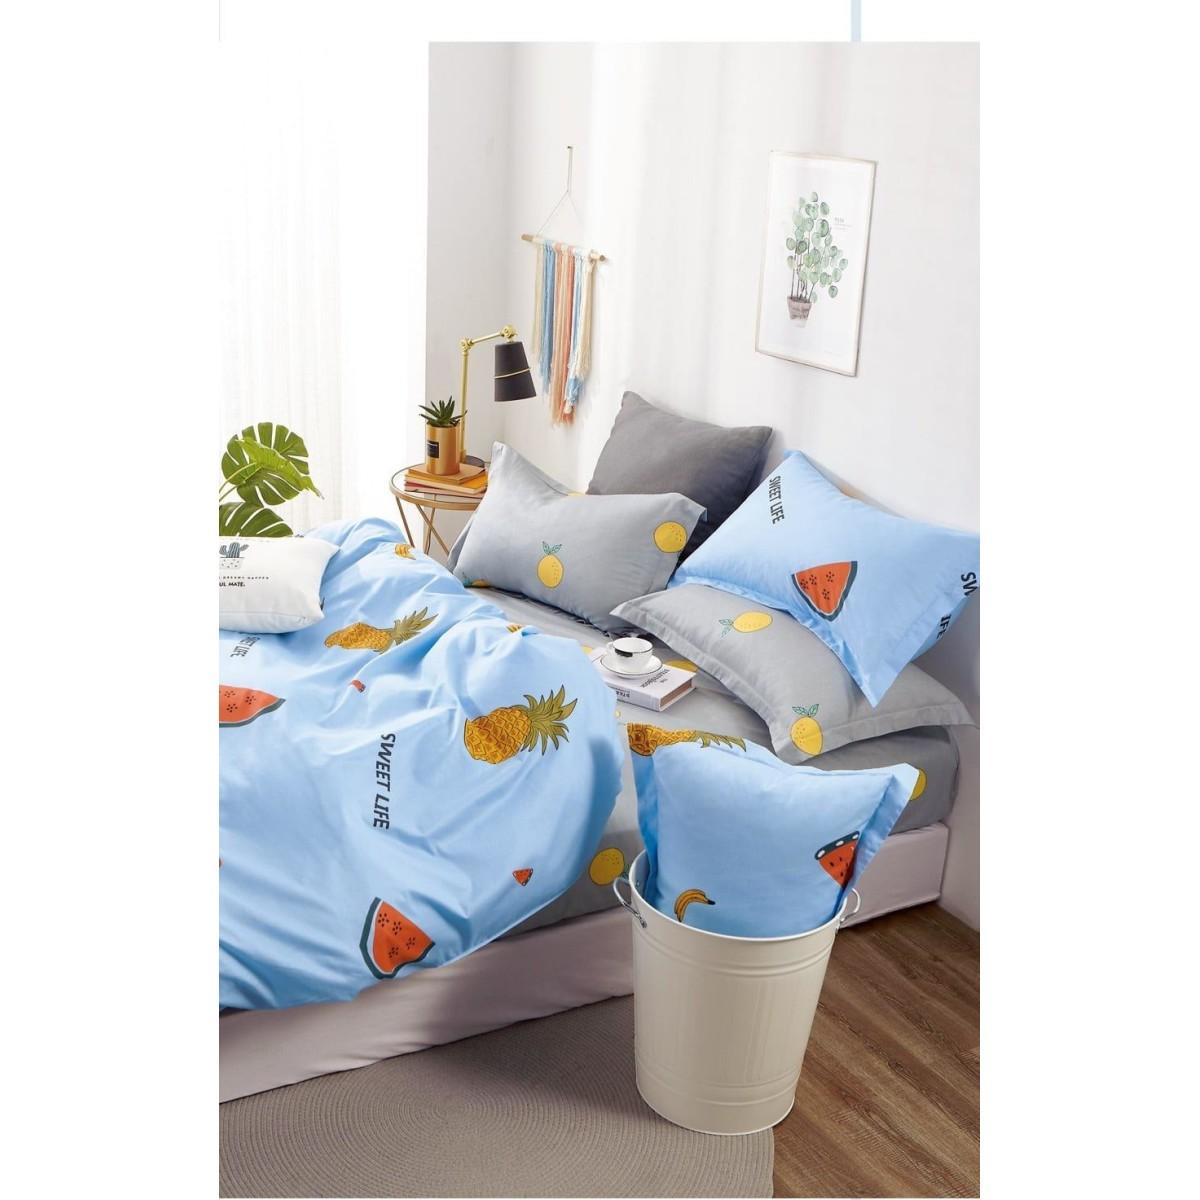 Комплект постельного белья 2-спальный Jardin 3820/160/818